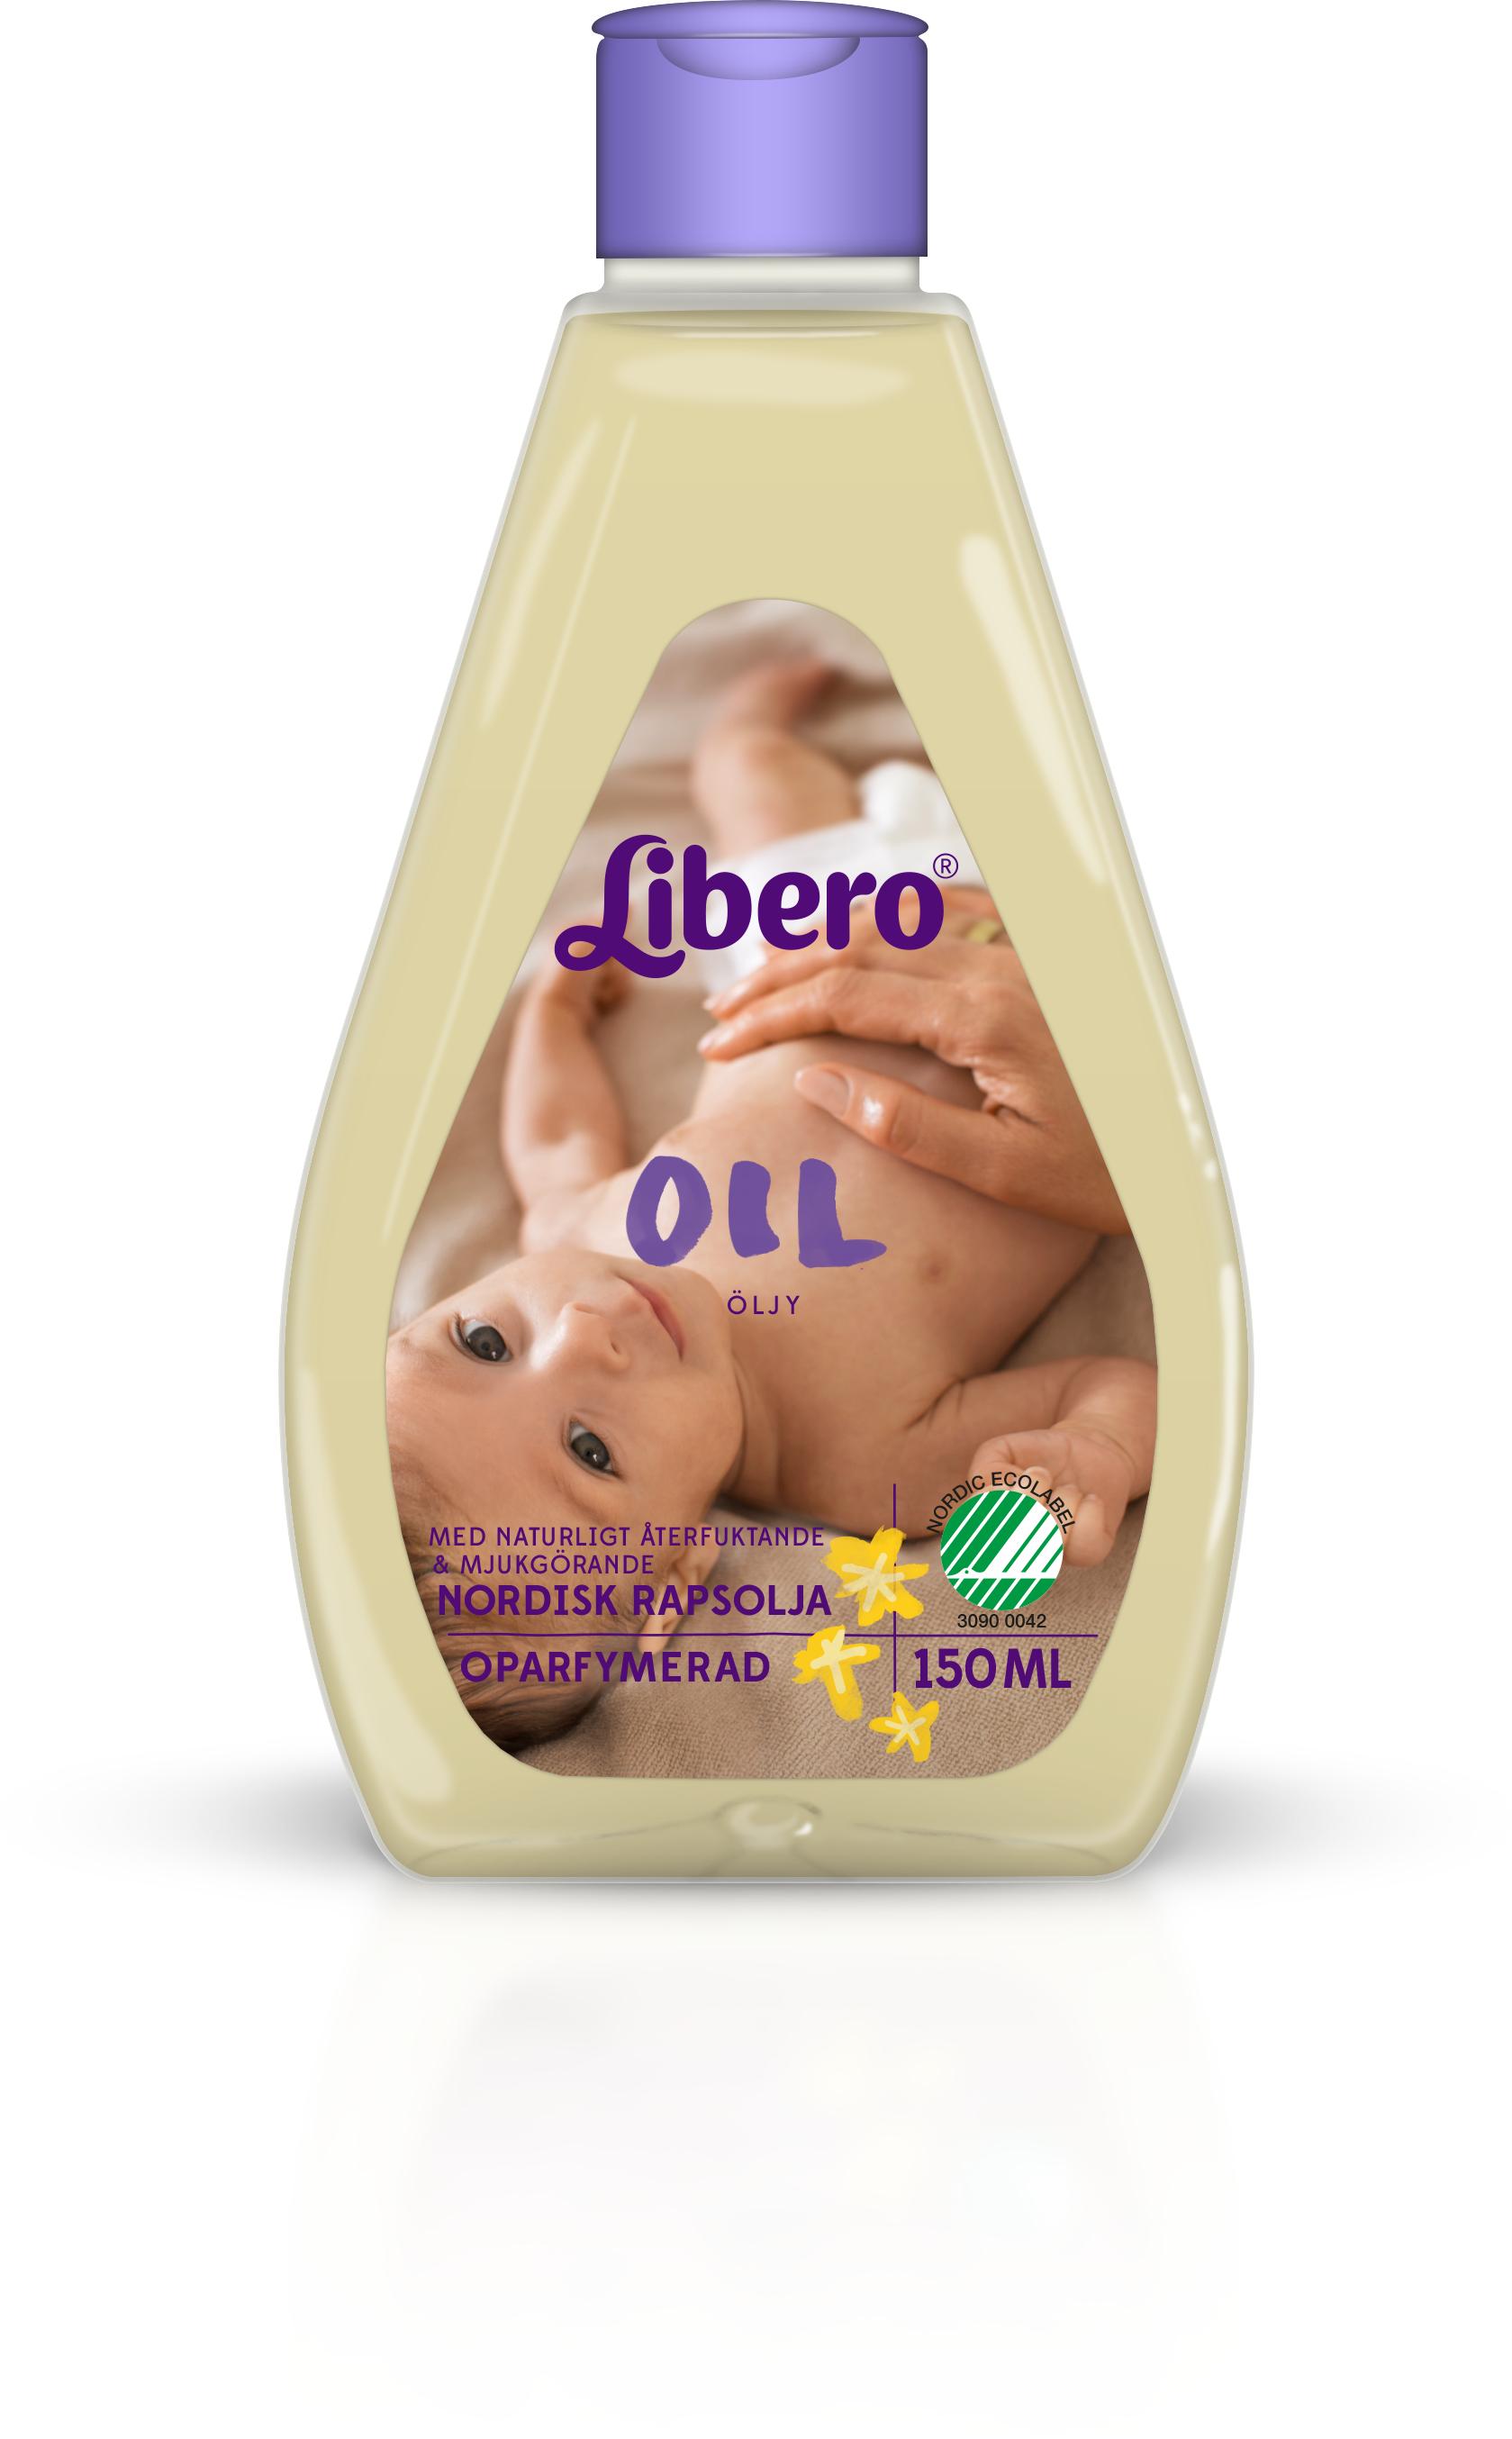 använda babyolja i underlivet